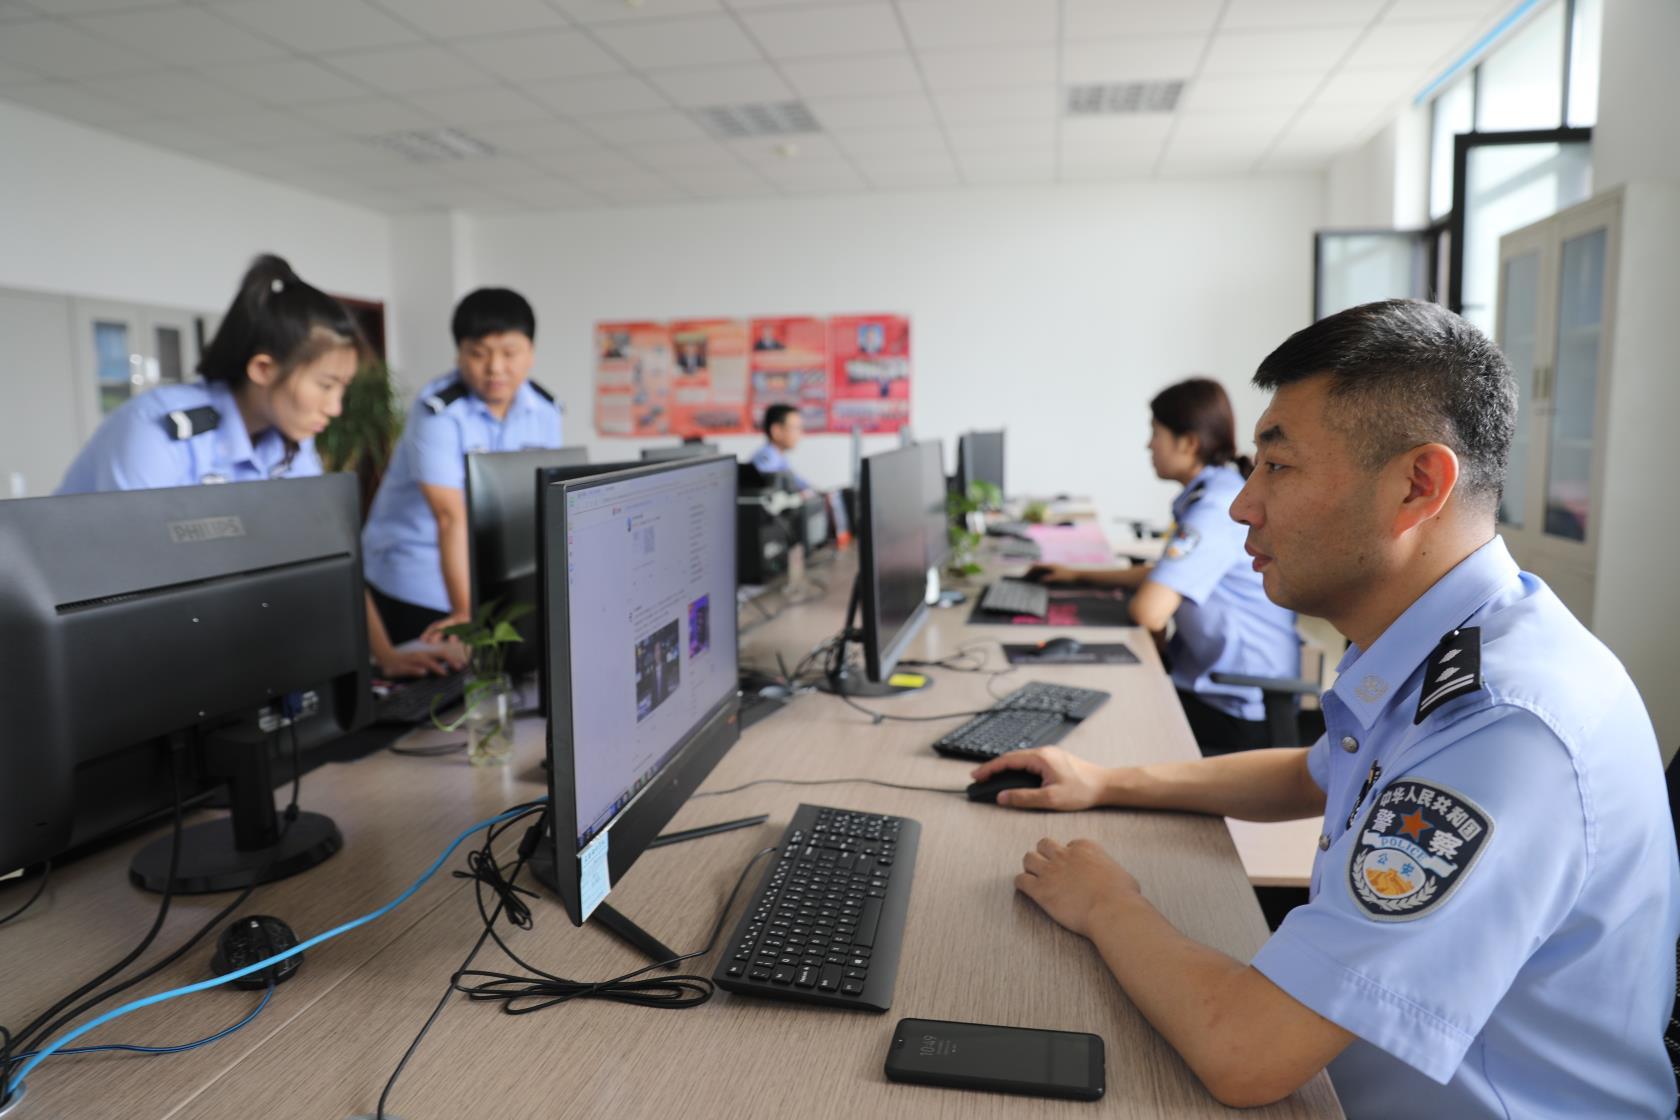 http://skogson.com/dandongfangchan/33401.html